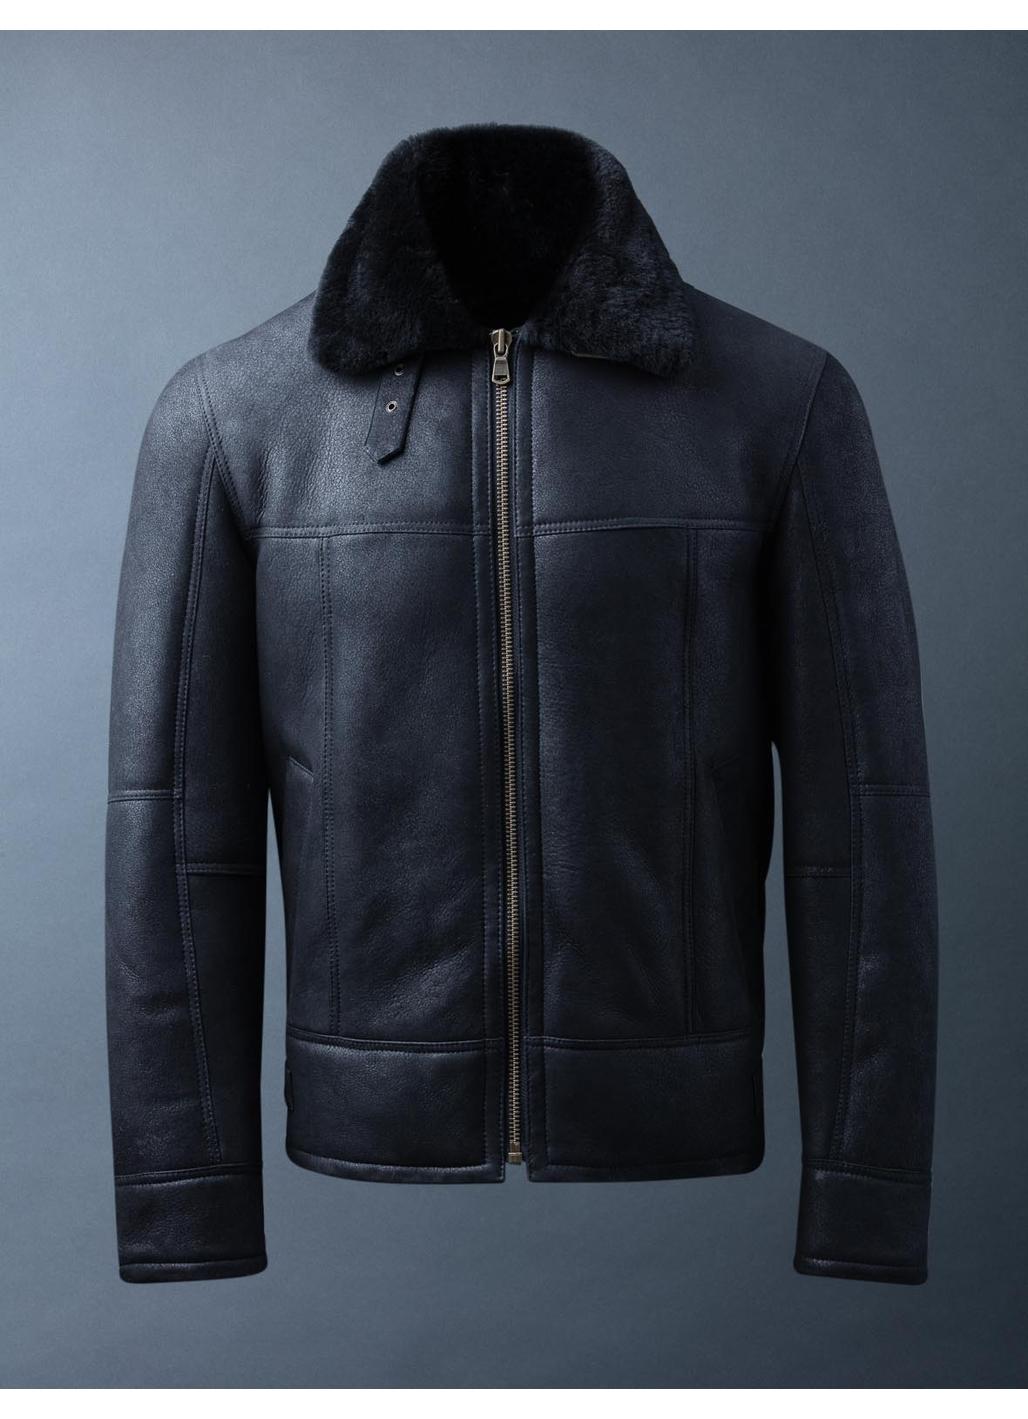 Hawker Sheepskin Flying Jacket in Black